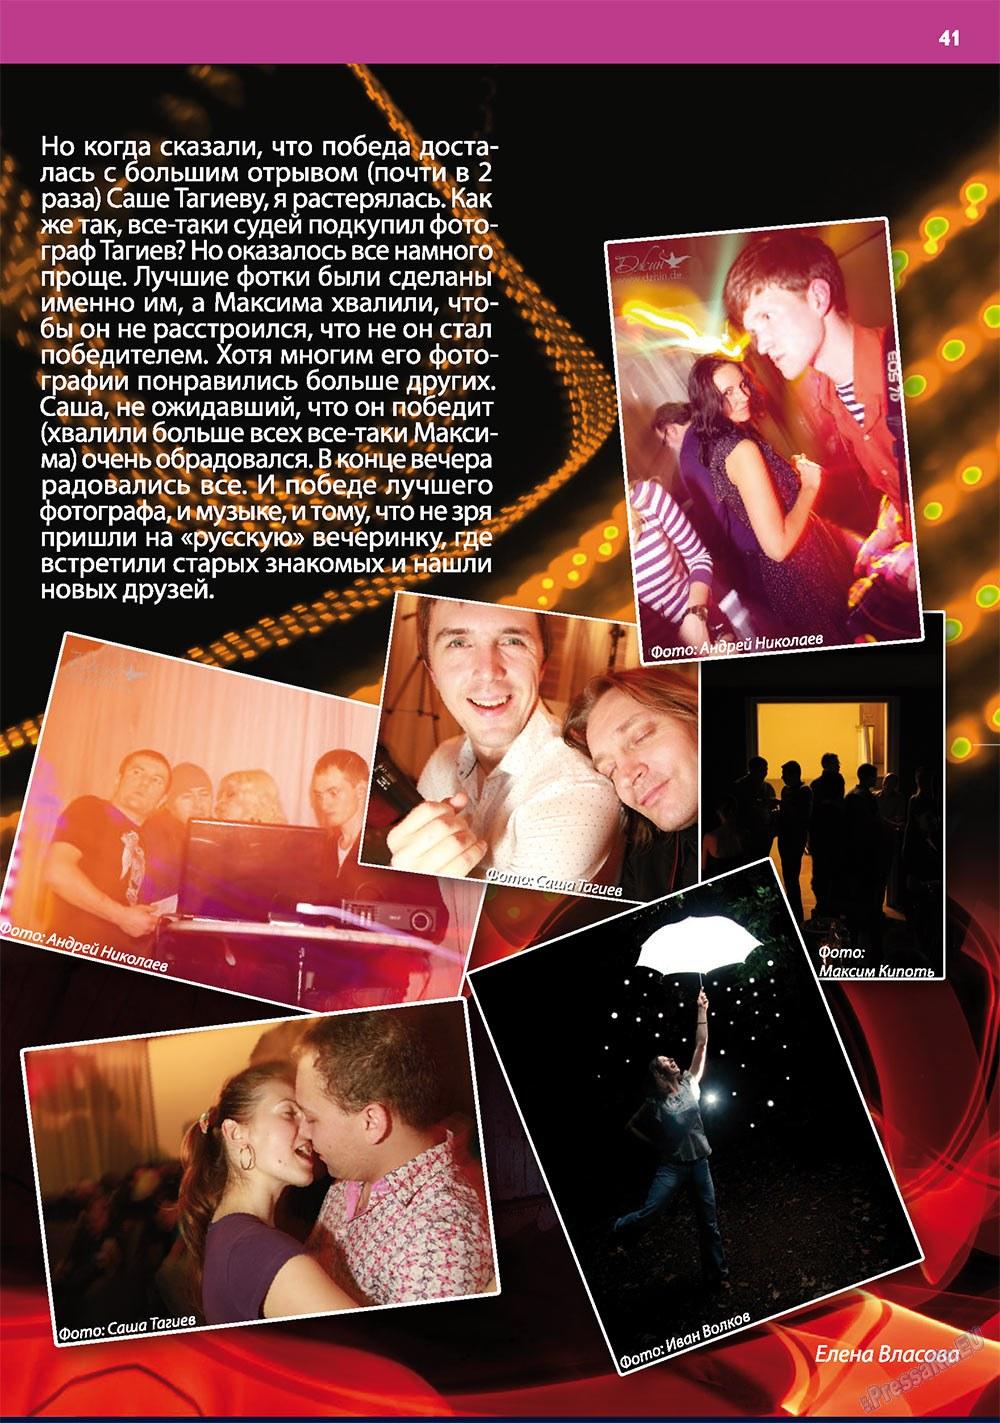 Апельсин (журнал). 2010 год, номер 17, стр. 41